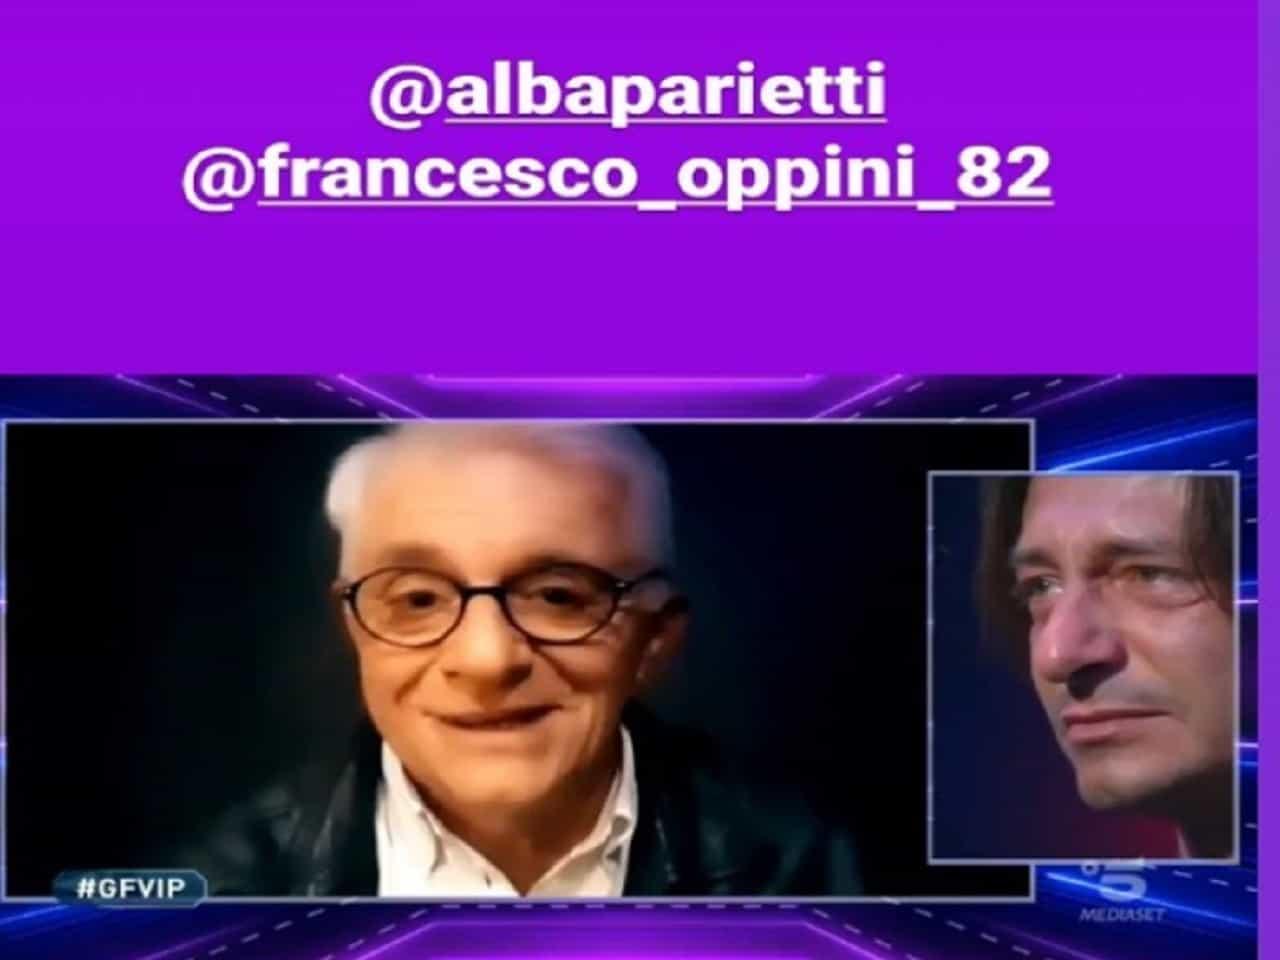 alba-parietti-franco-oppini-